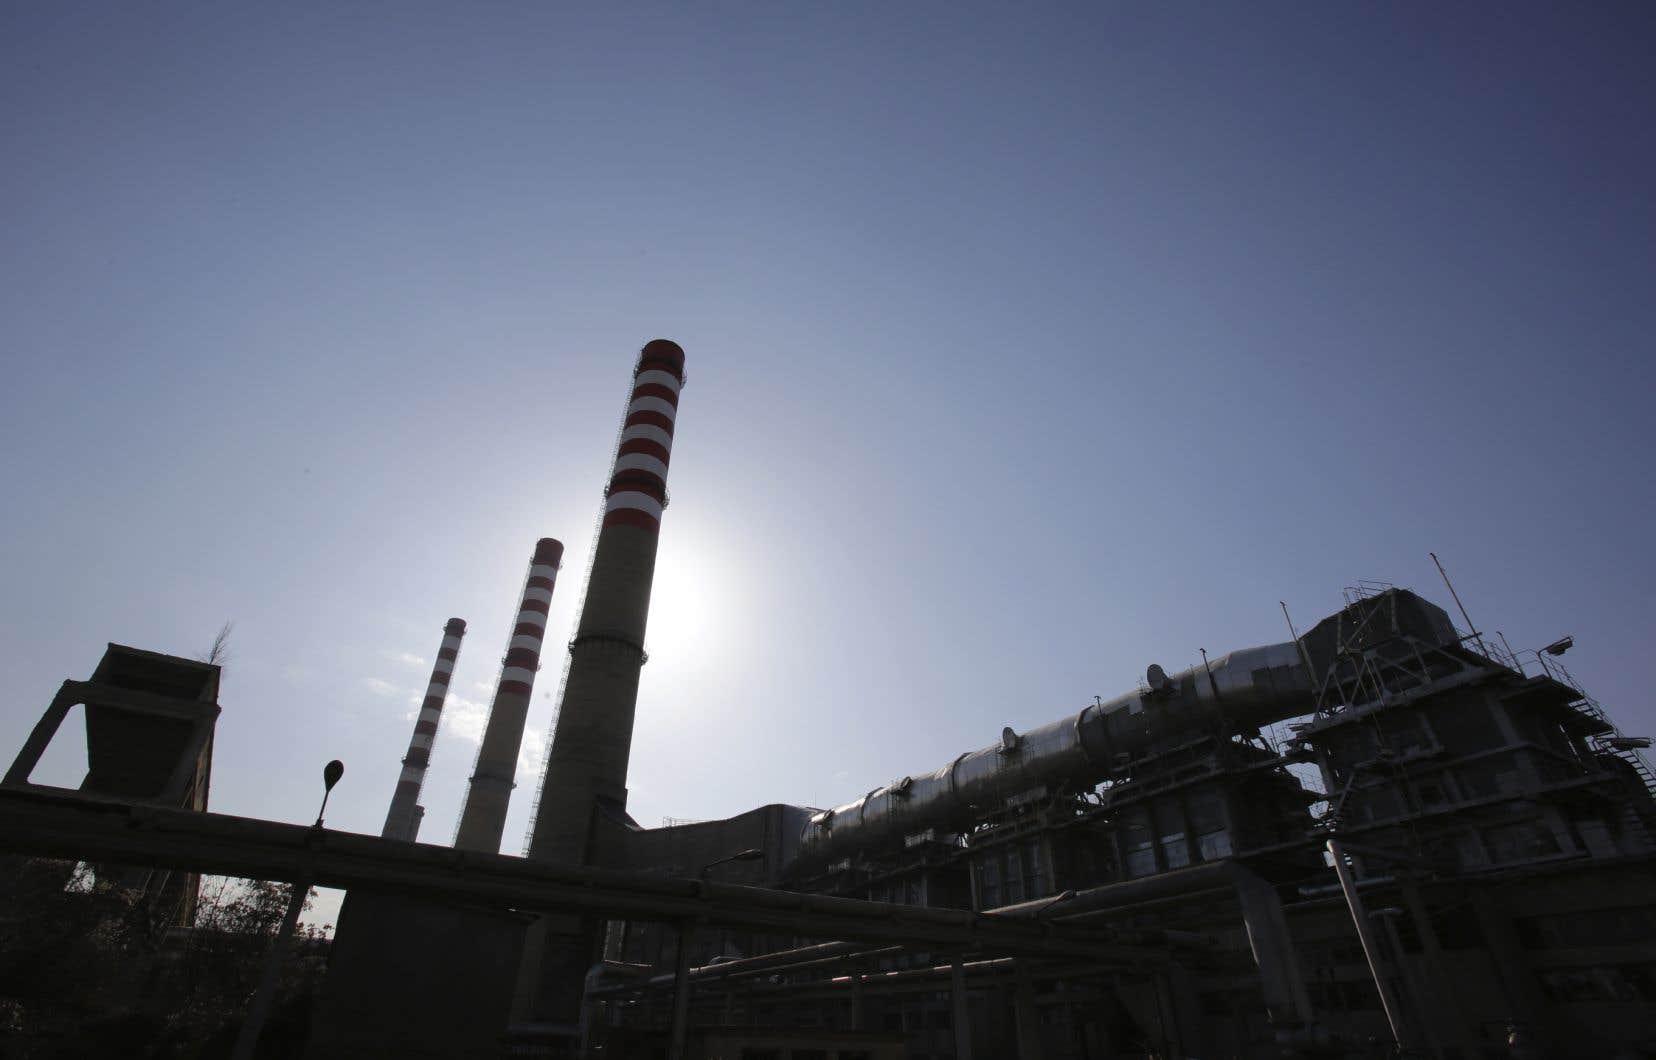 Les entreprises pétrolières et gazières présentes sur le territoire québécois détiennent actuellement un total de 261 permis couvrant 46277km² de territoire.